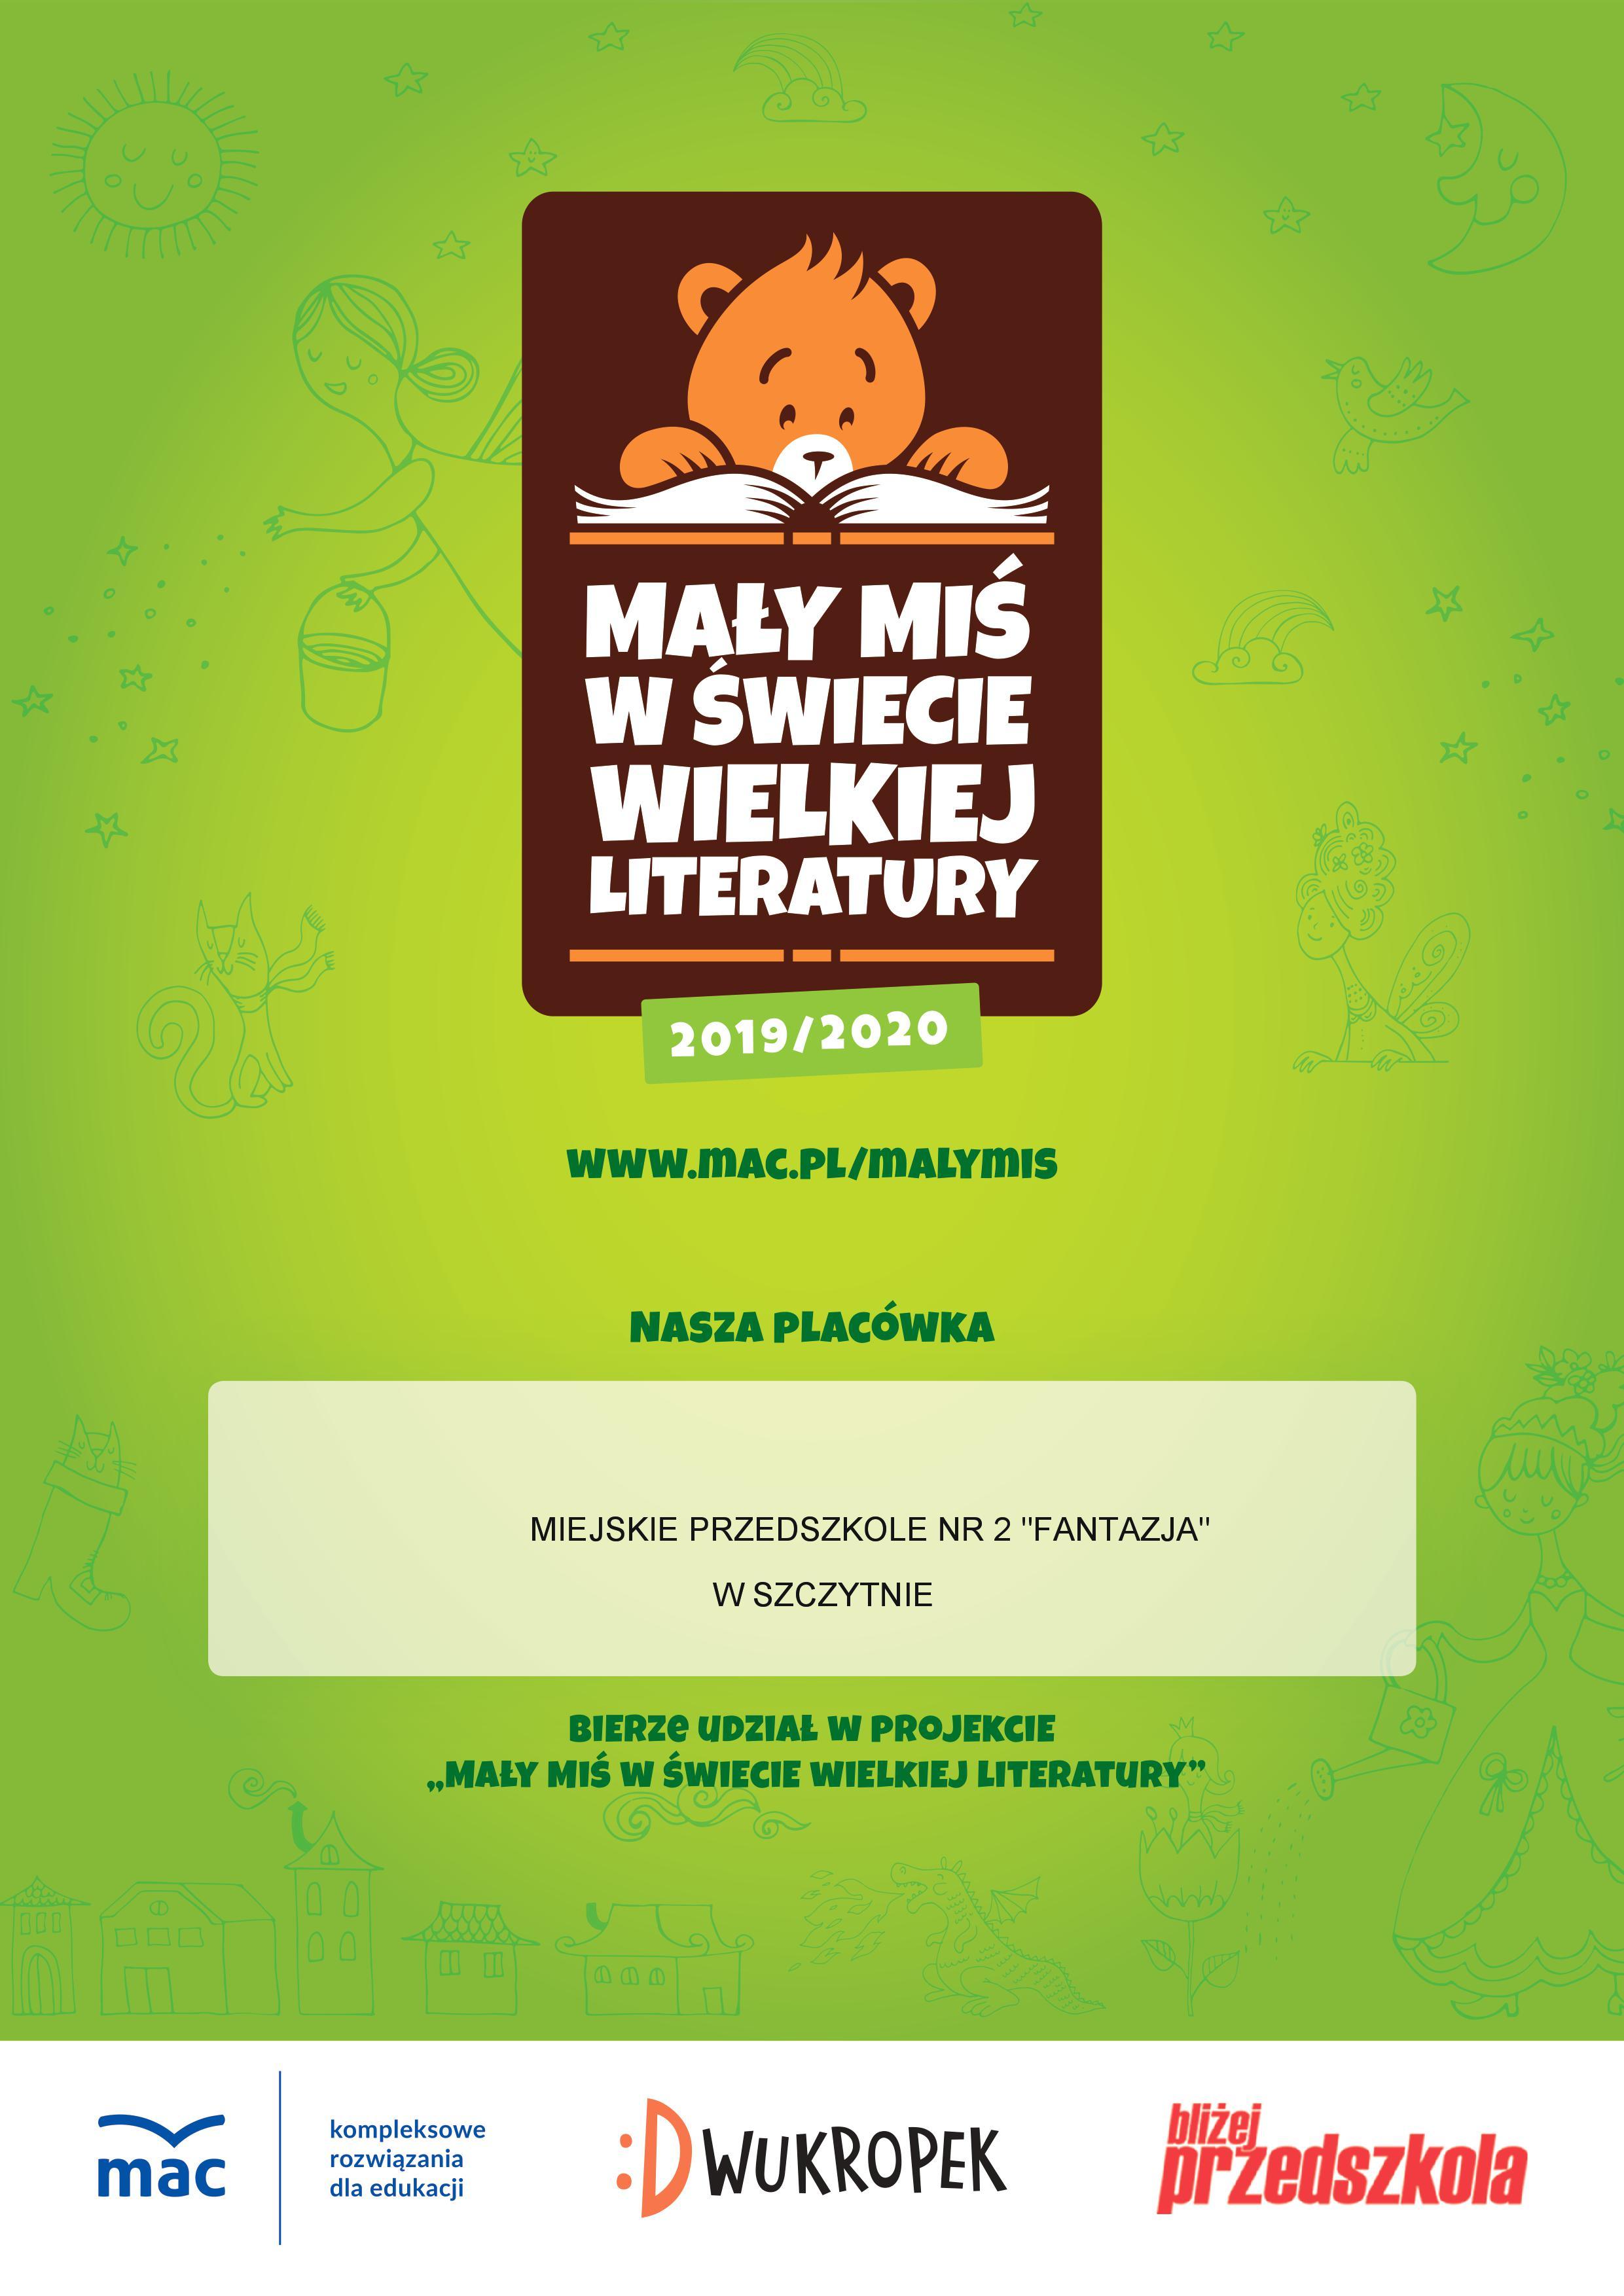 Mały Miś w świecie wielkiej literatury 2019/2010